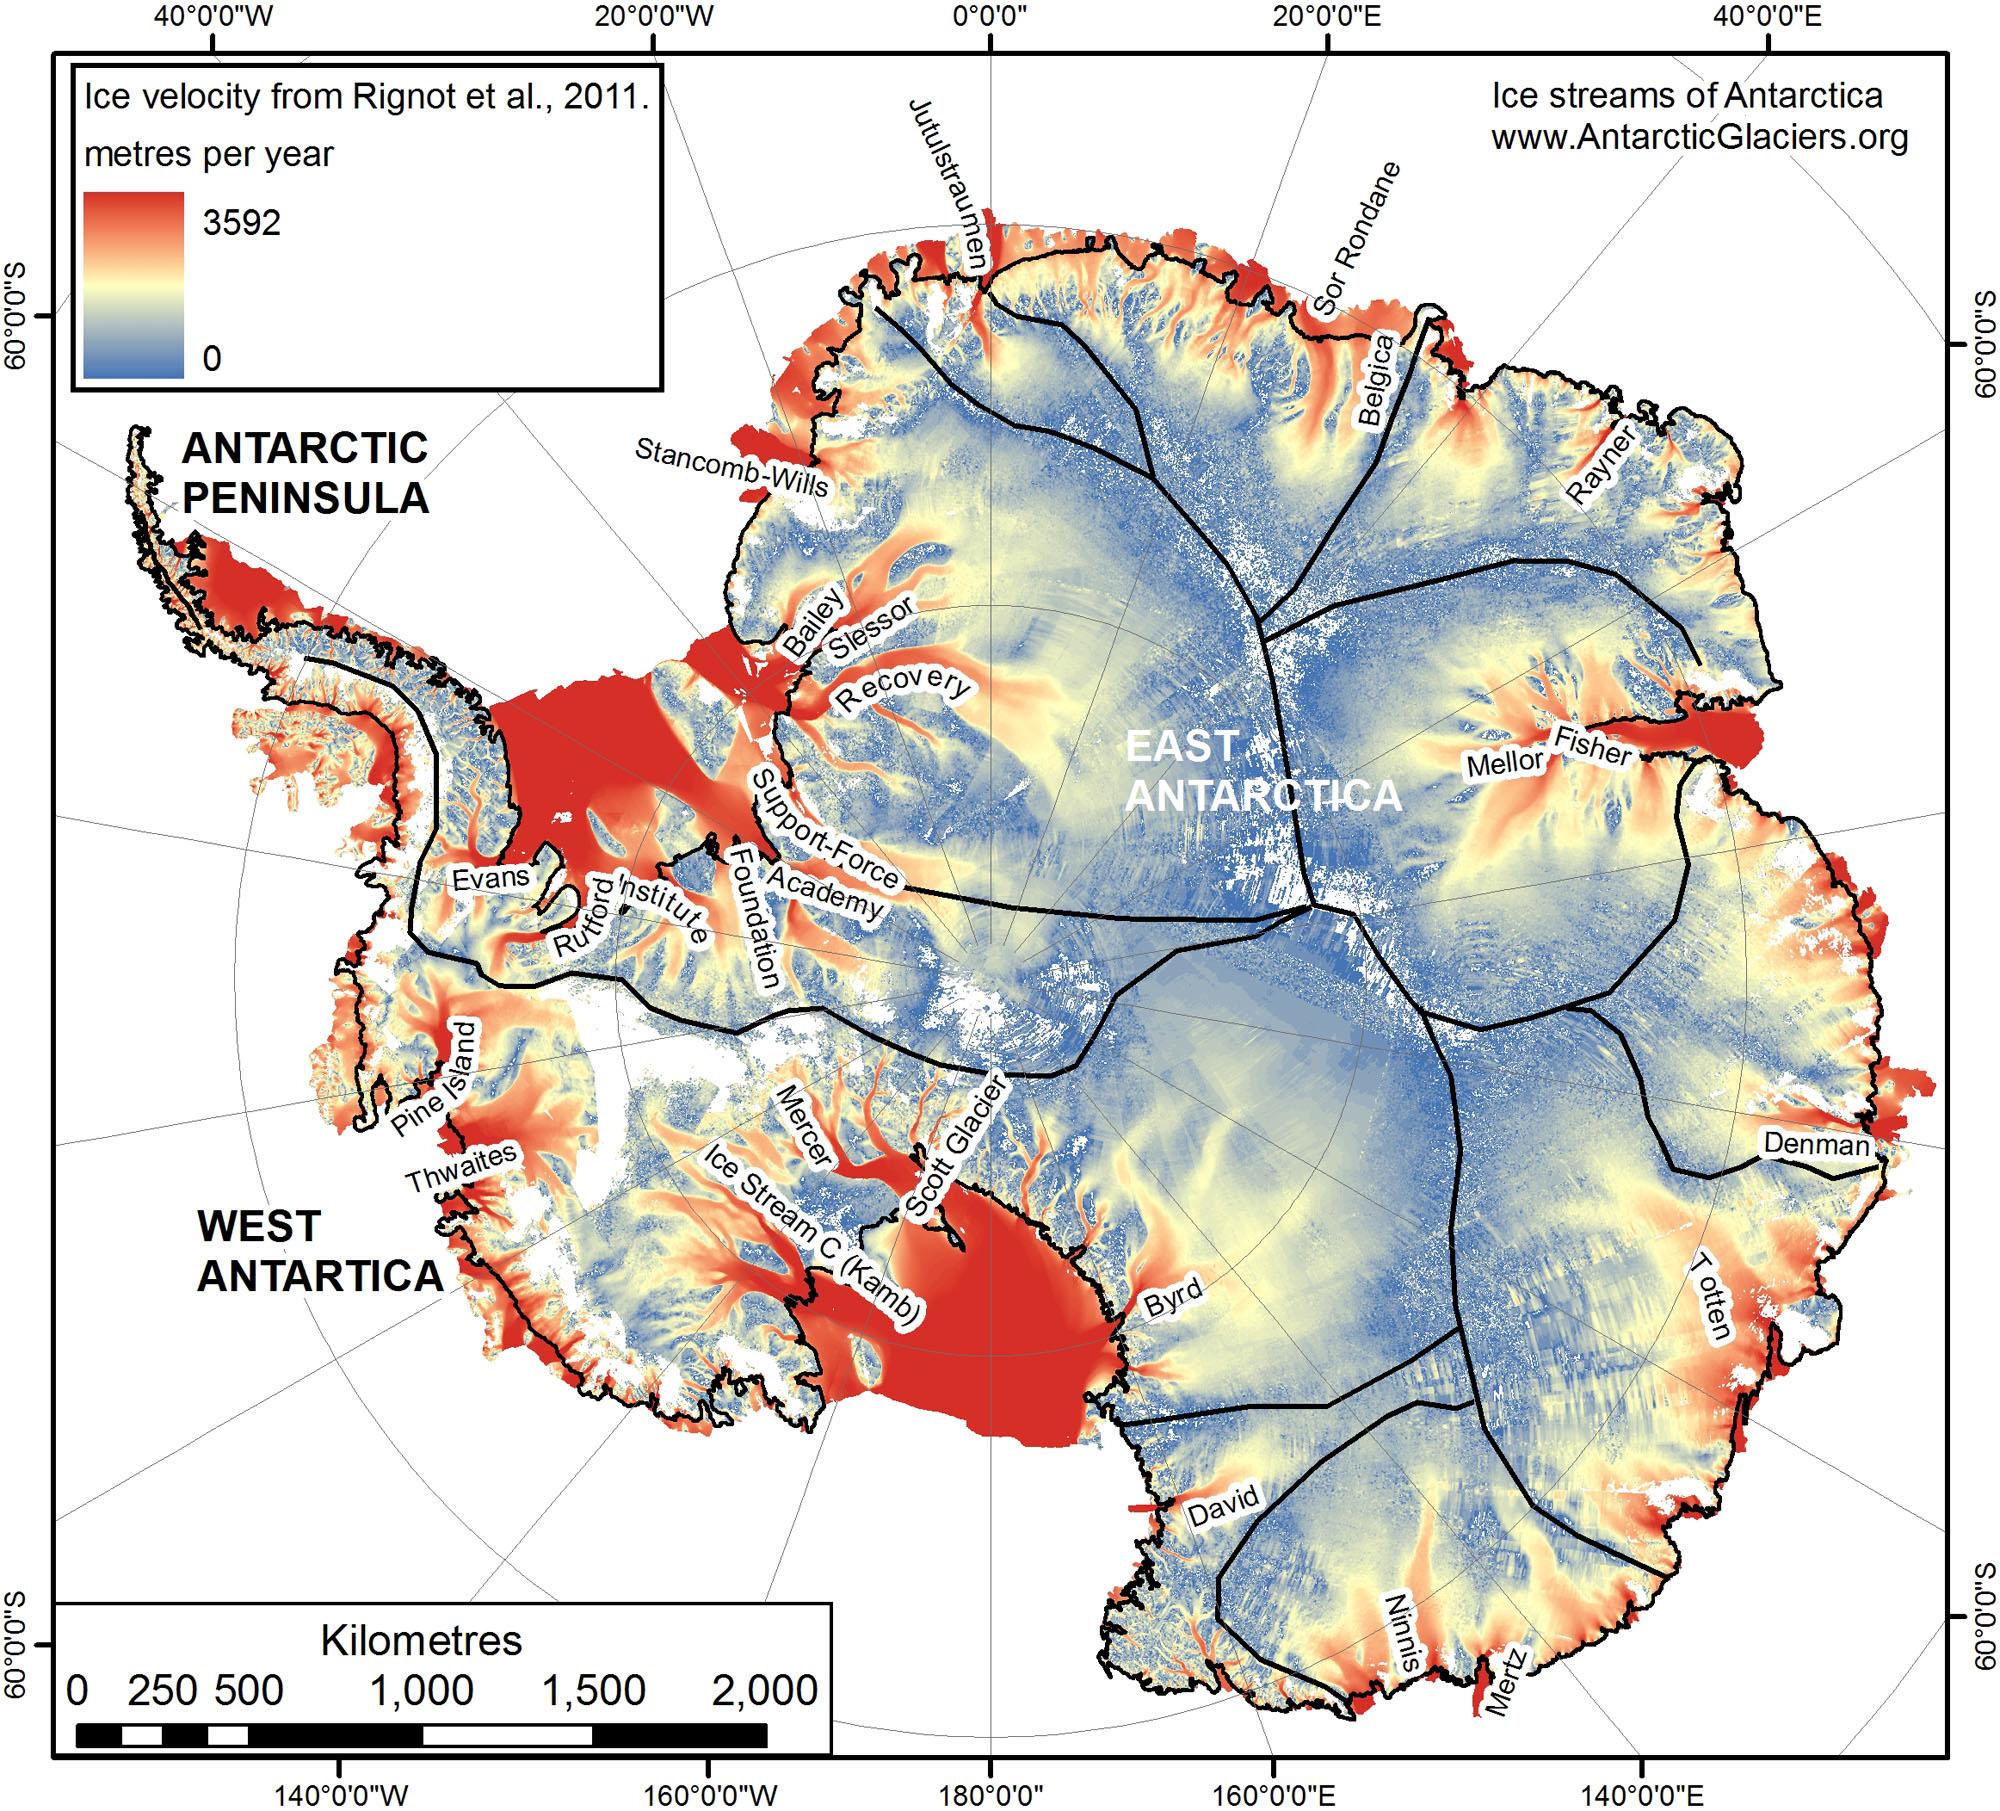 supernova de barrio - Página 2 Antarctic_icestreams